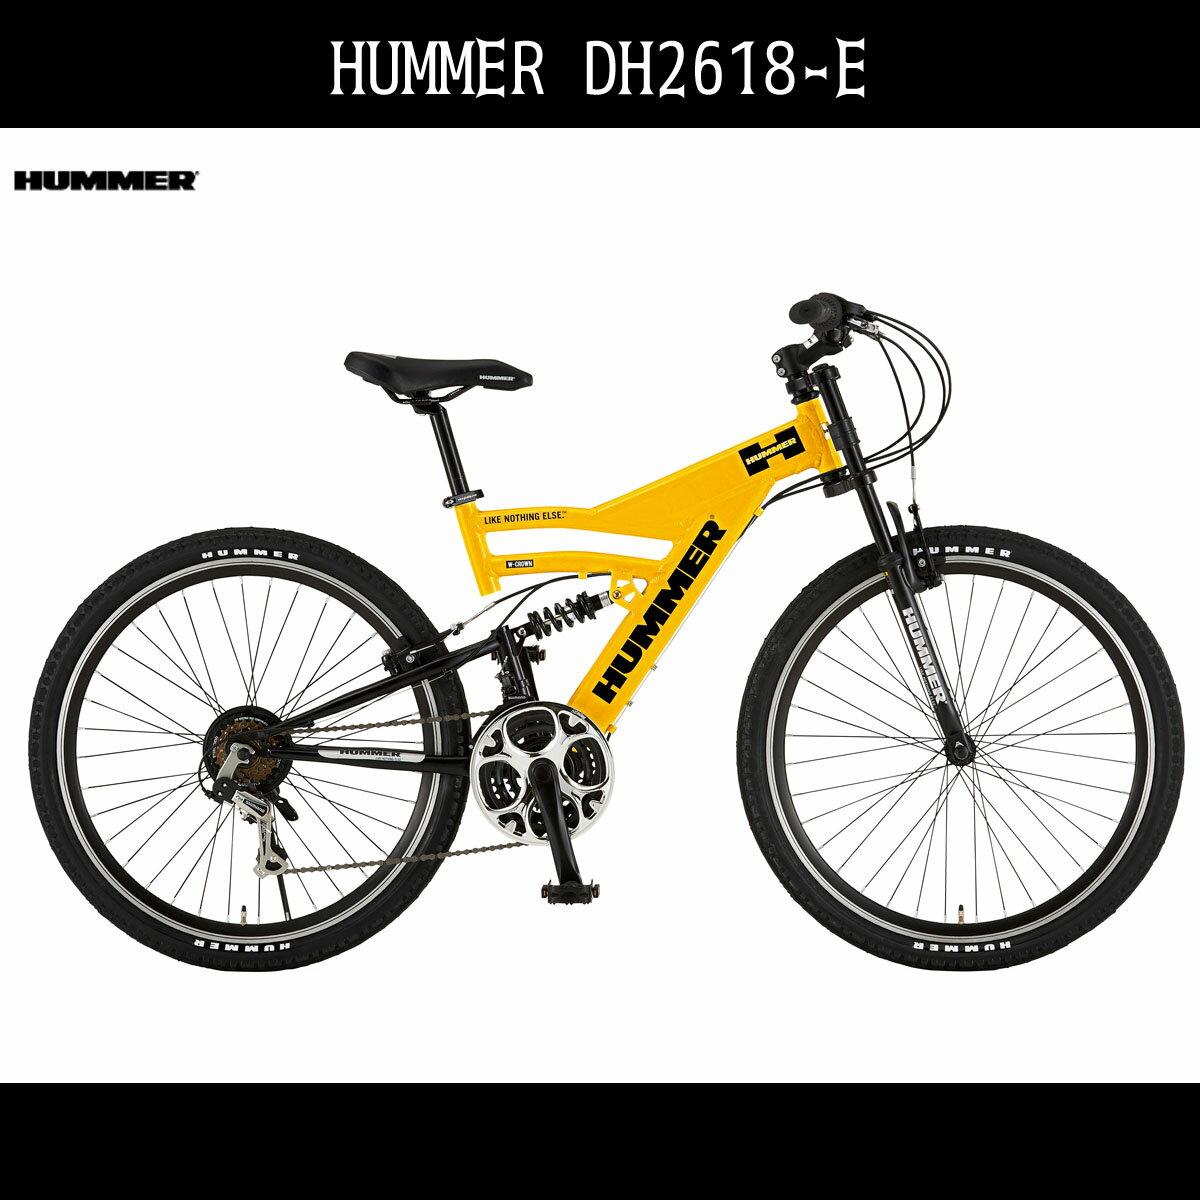 配送先一都三県一部地域限定送料無料 マウンテンバイク ハマー HUMMER 自転車 イエロー黄色 26インチ マウンテンバイク ハマー 外装18段変速ギア アルミ MTB DH2618-E アルミニウム おしゃれ